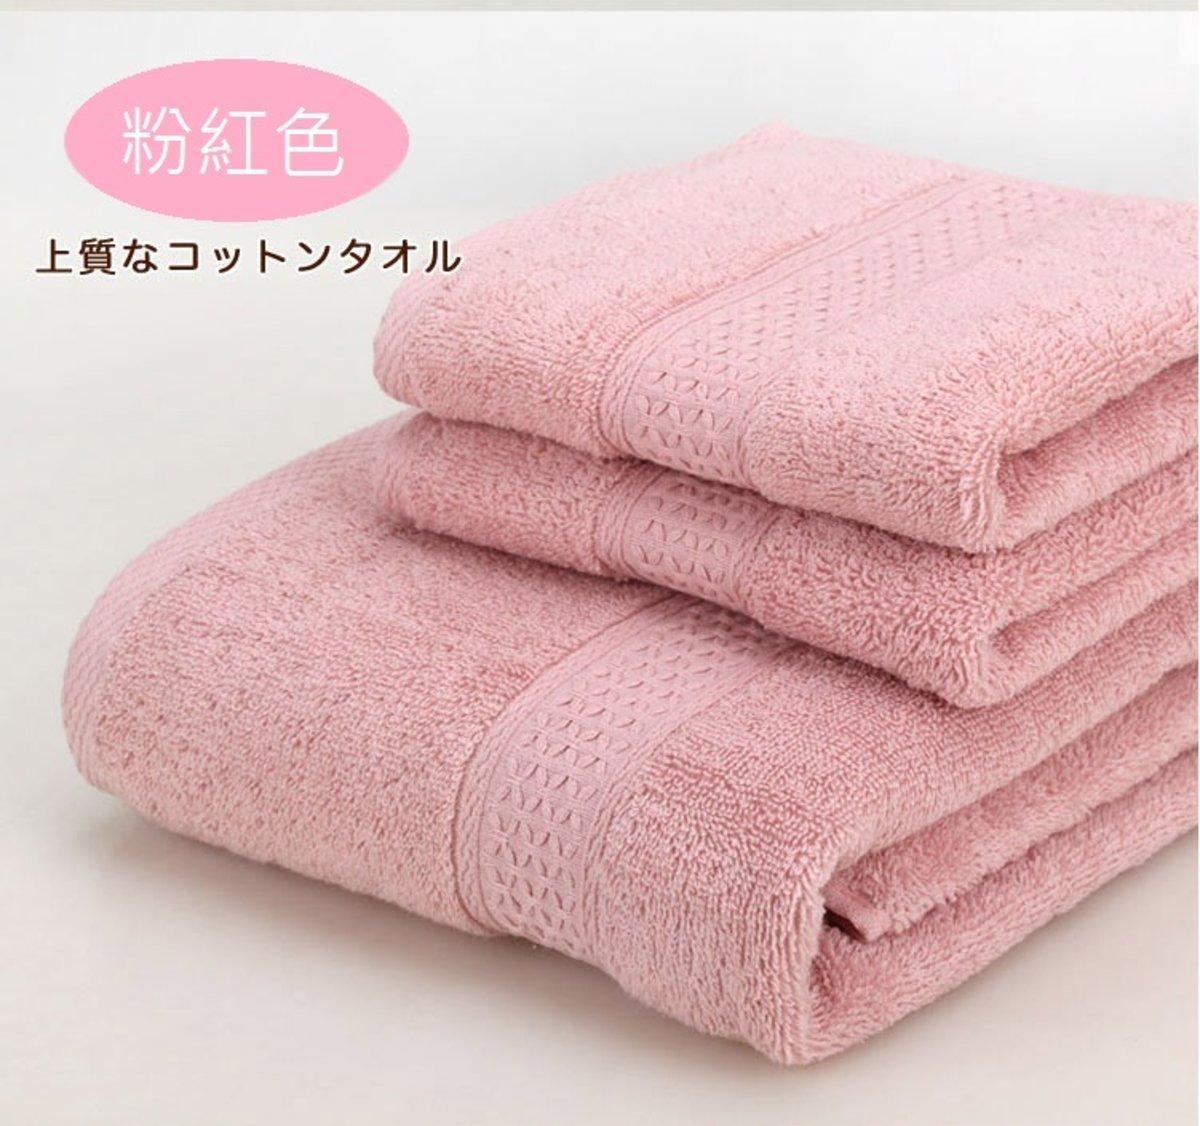 純棉大浴巾連毛巾3件套裝 / PINK